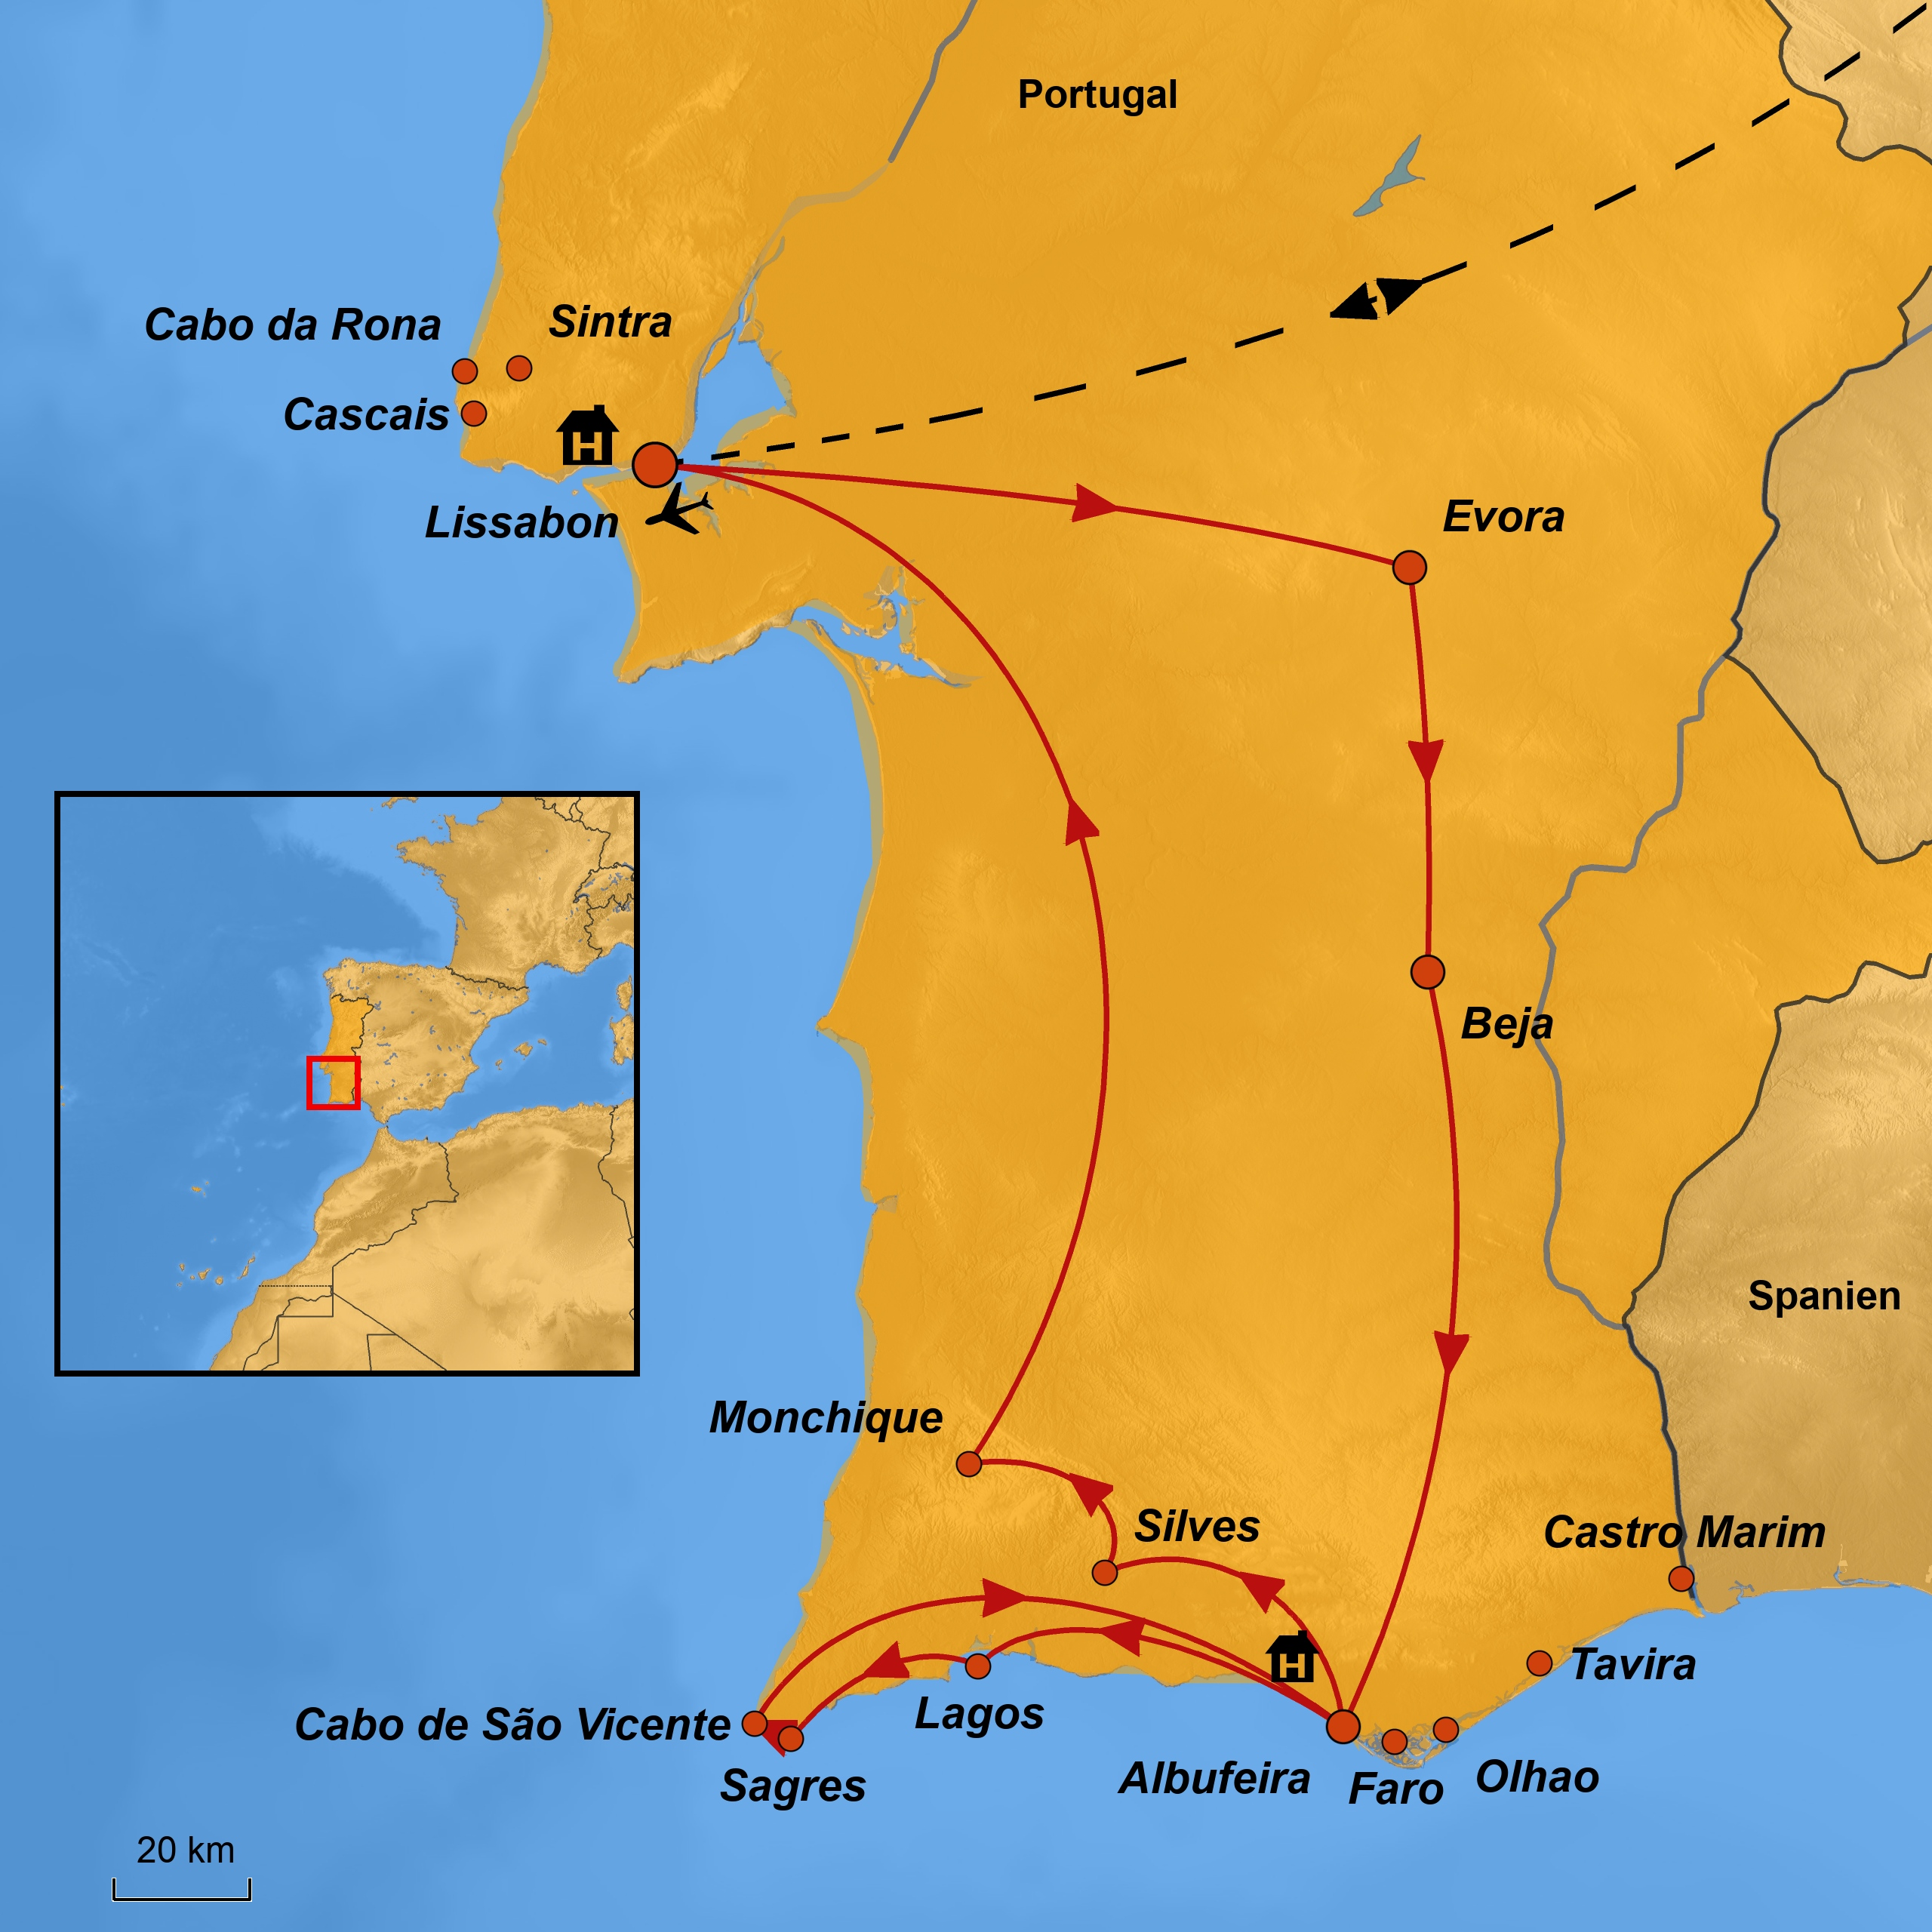 Flughafen Algarve Karte.Reise Lissabon Und Algarve In Einer Gruppe Arche Noah Reisen